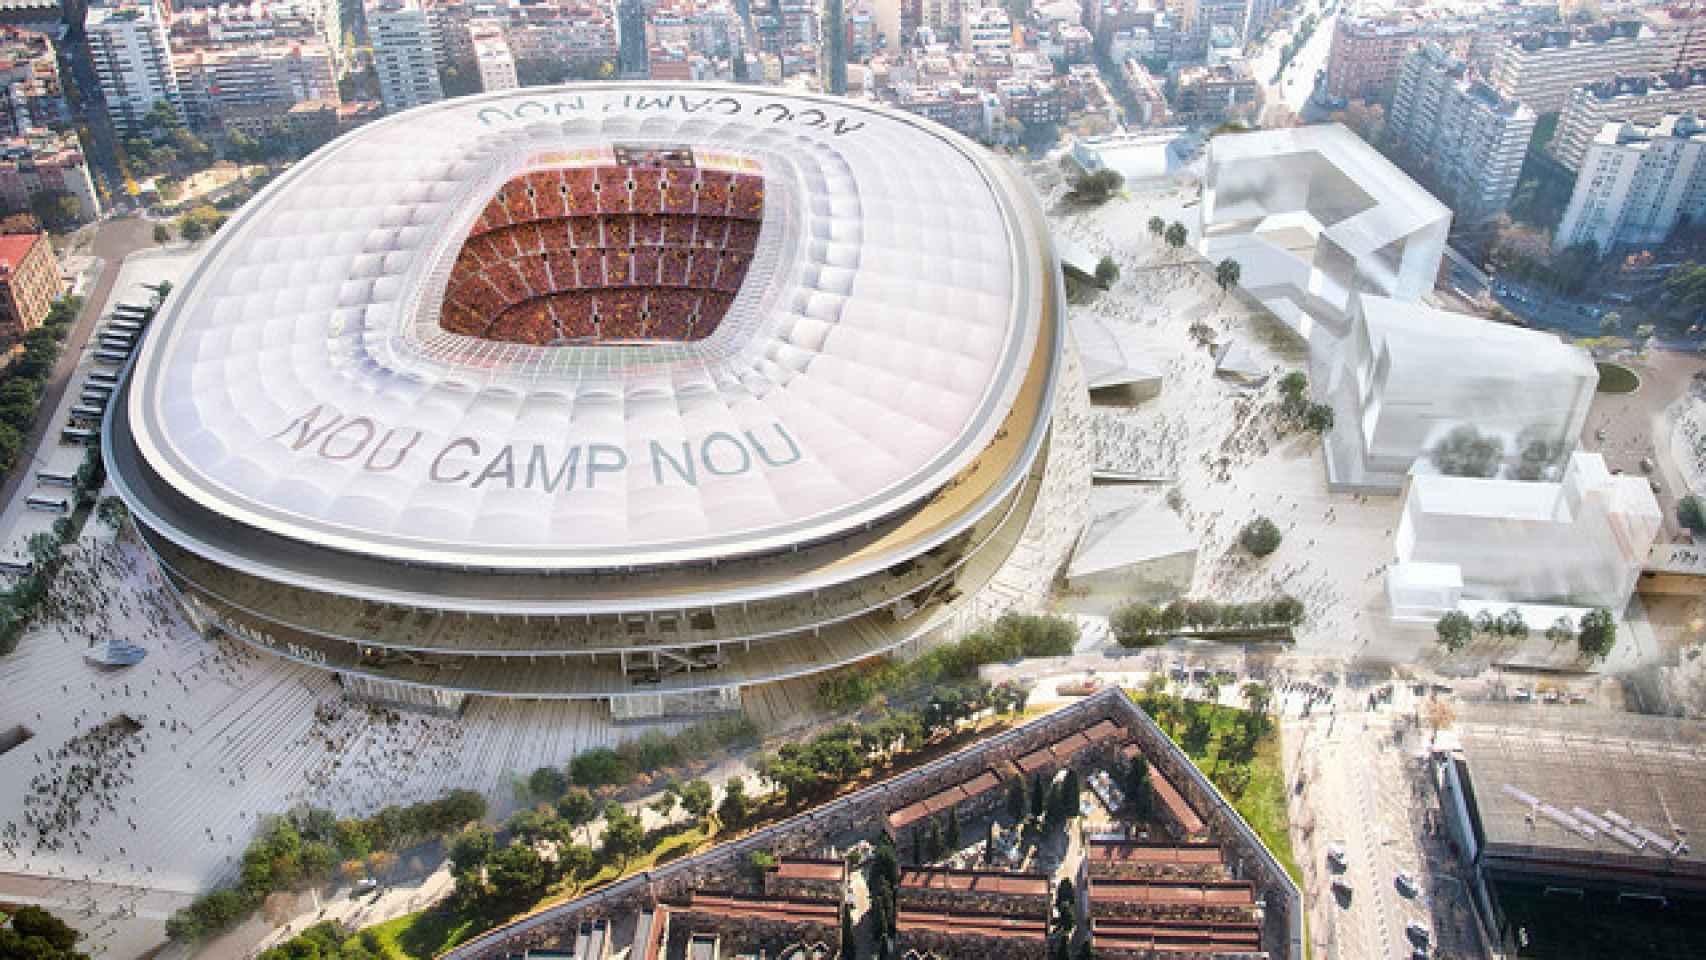 Vista aérea del nuevo Camp Nou.